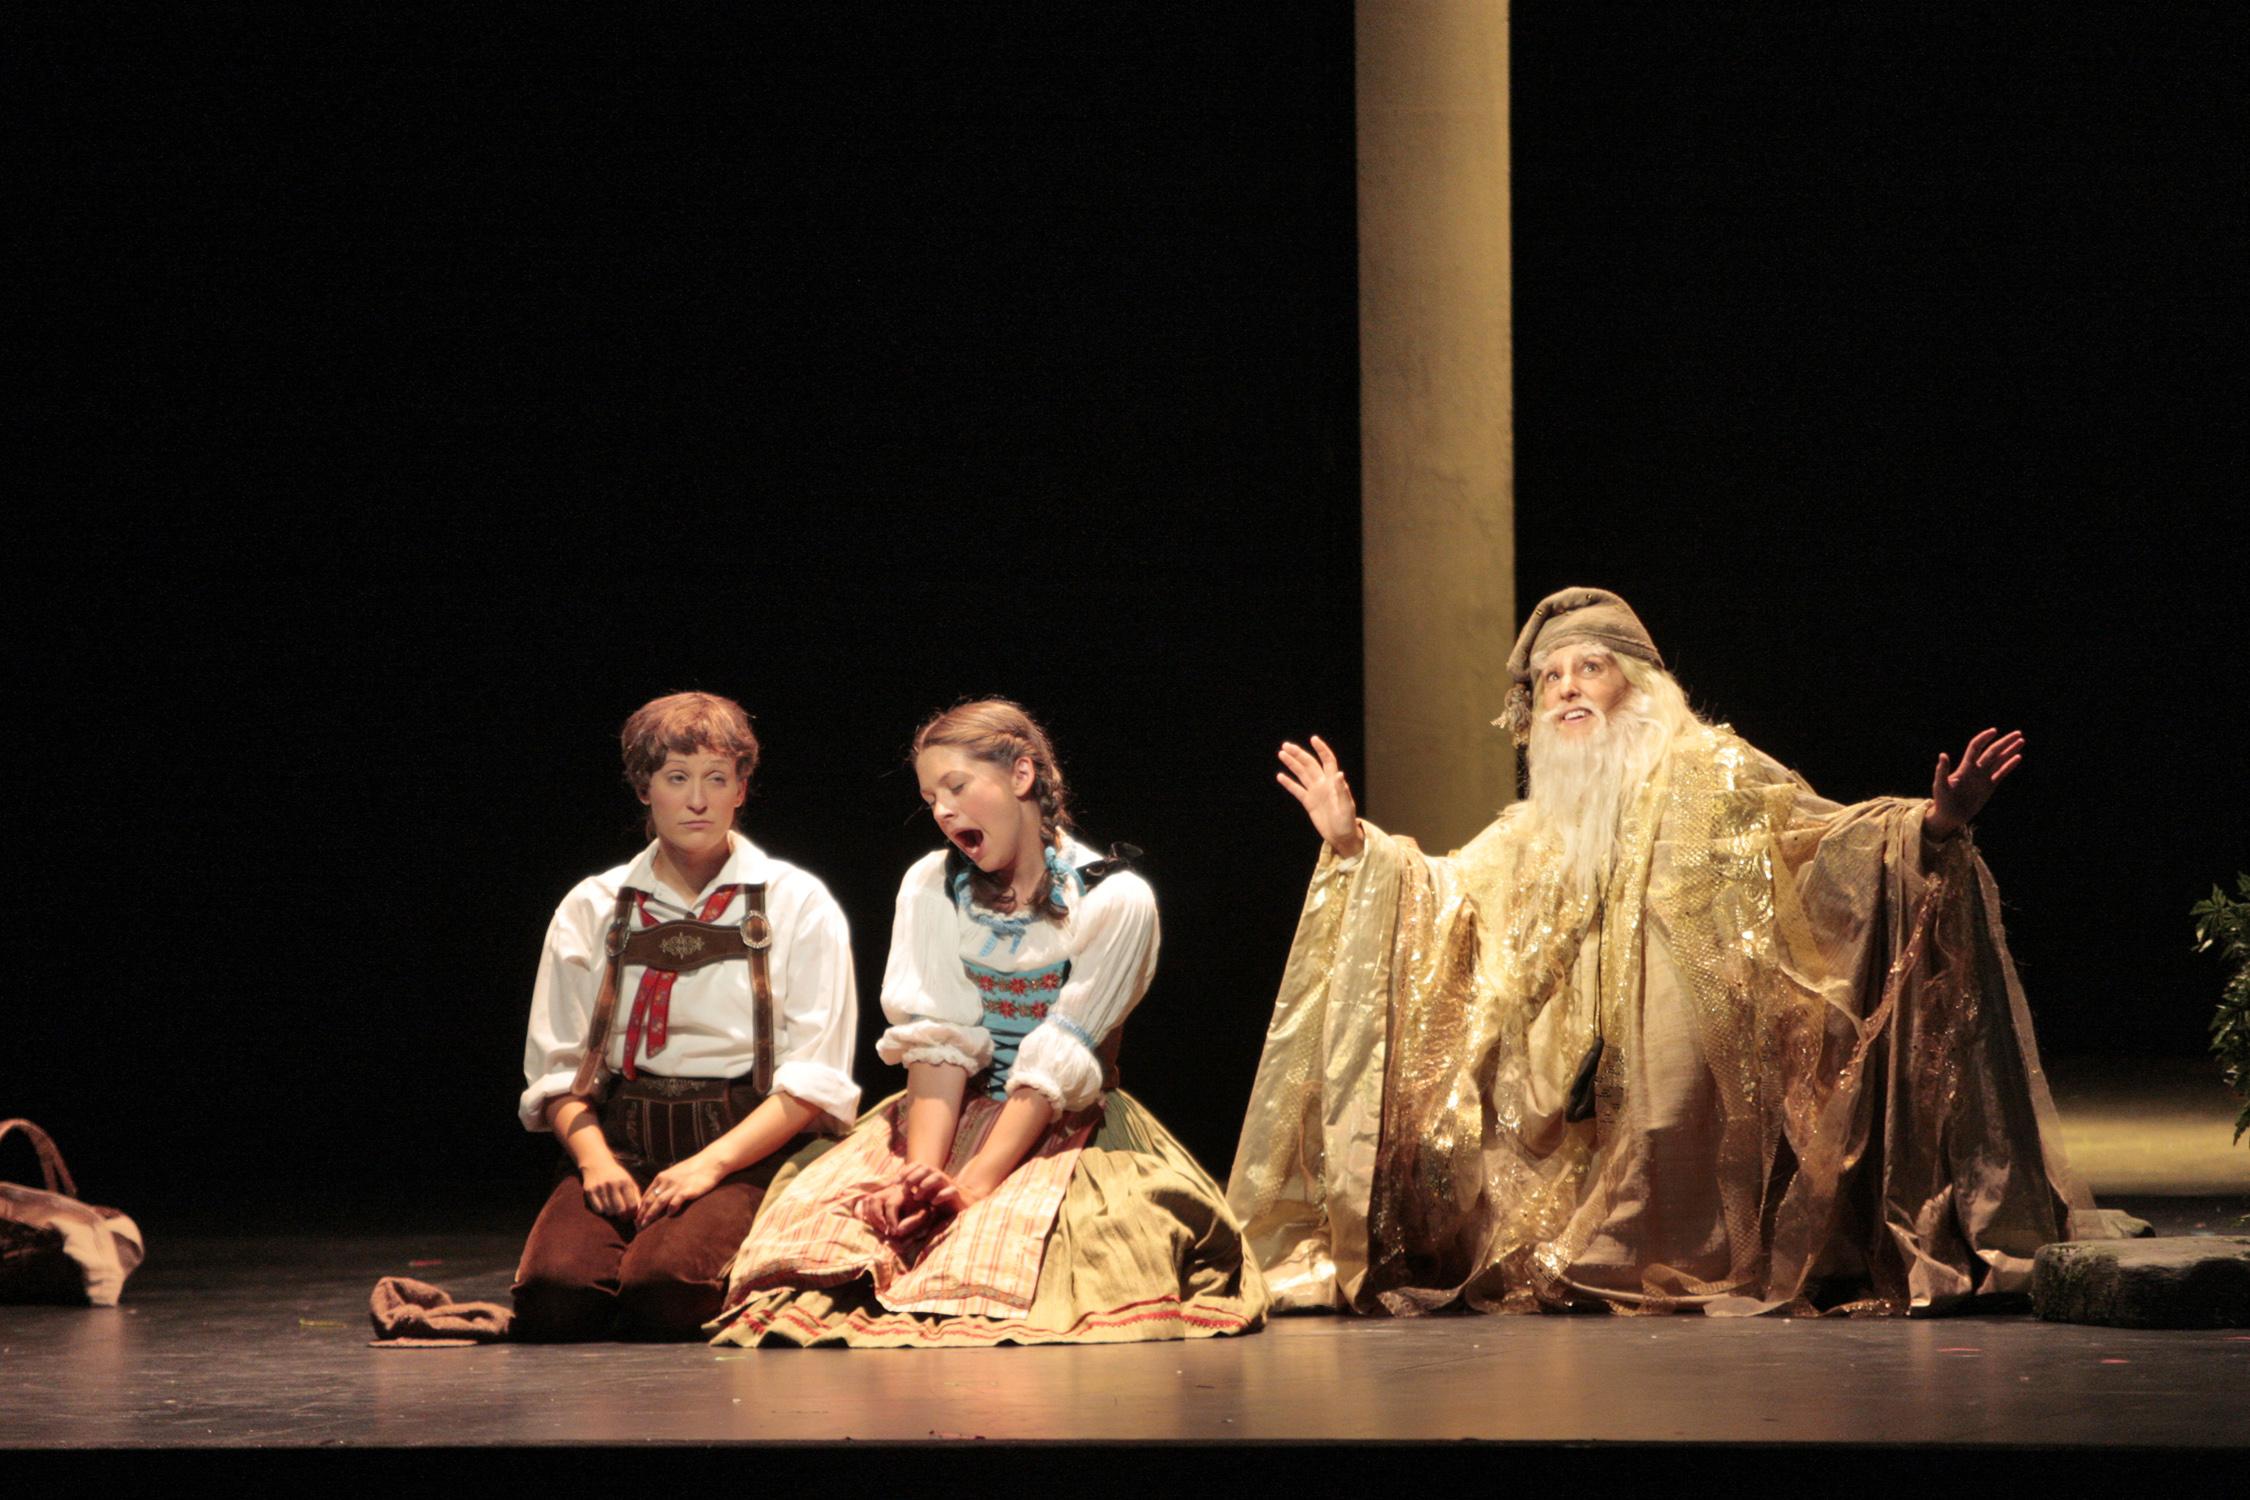 Sandman in scene from Hansel and Gretel, Santa Fe Opera Apprentice Scenes